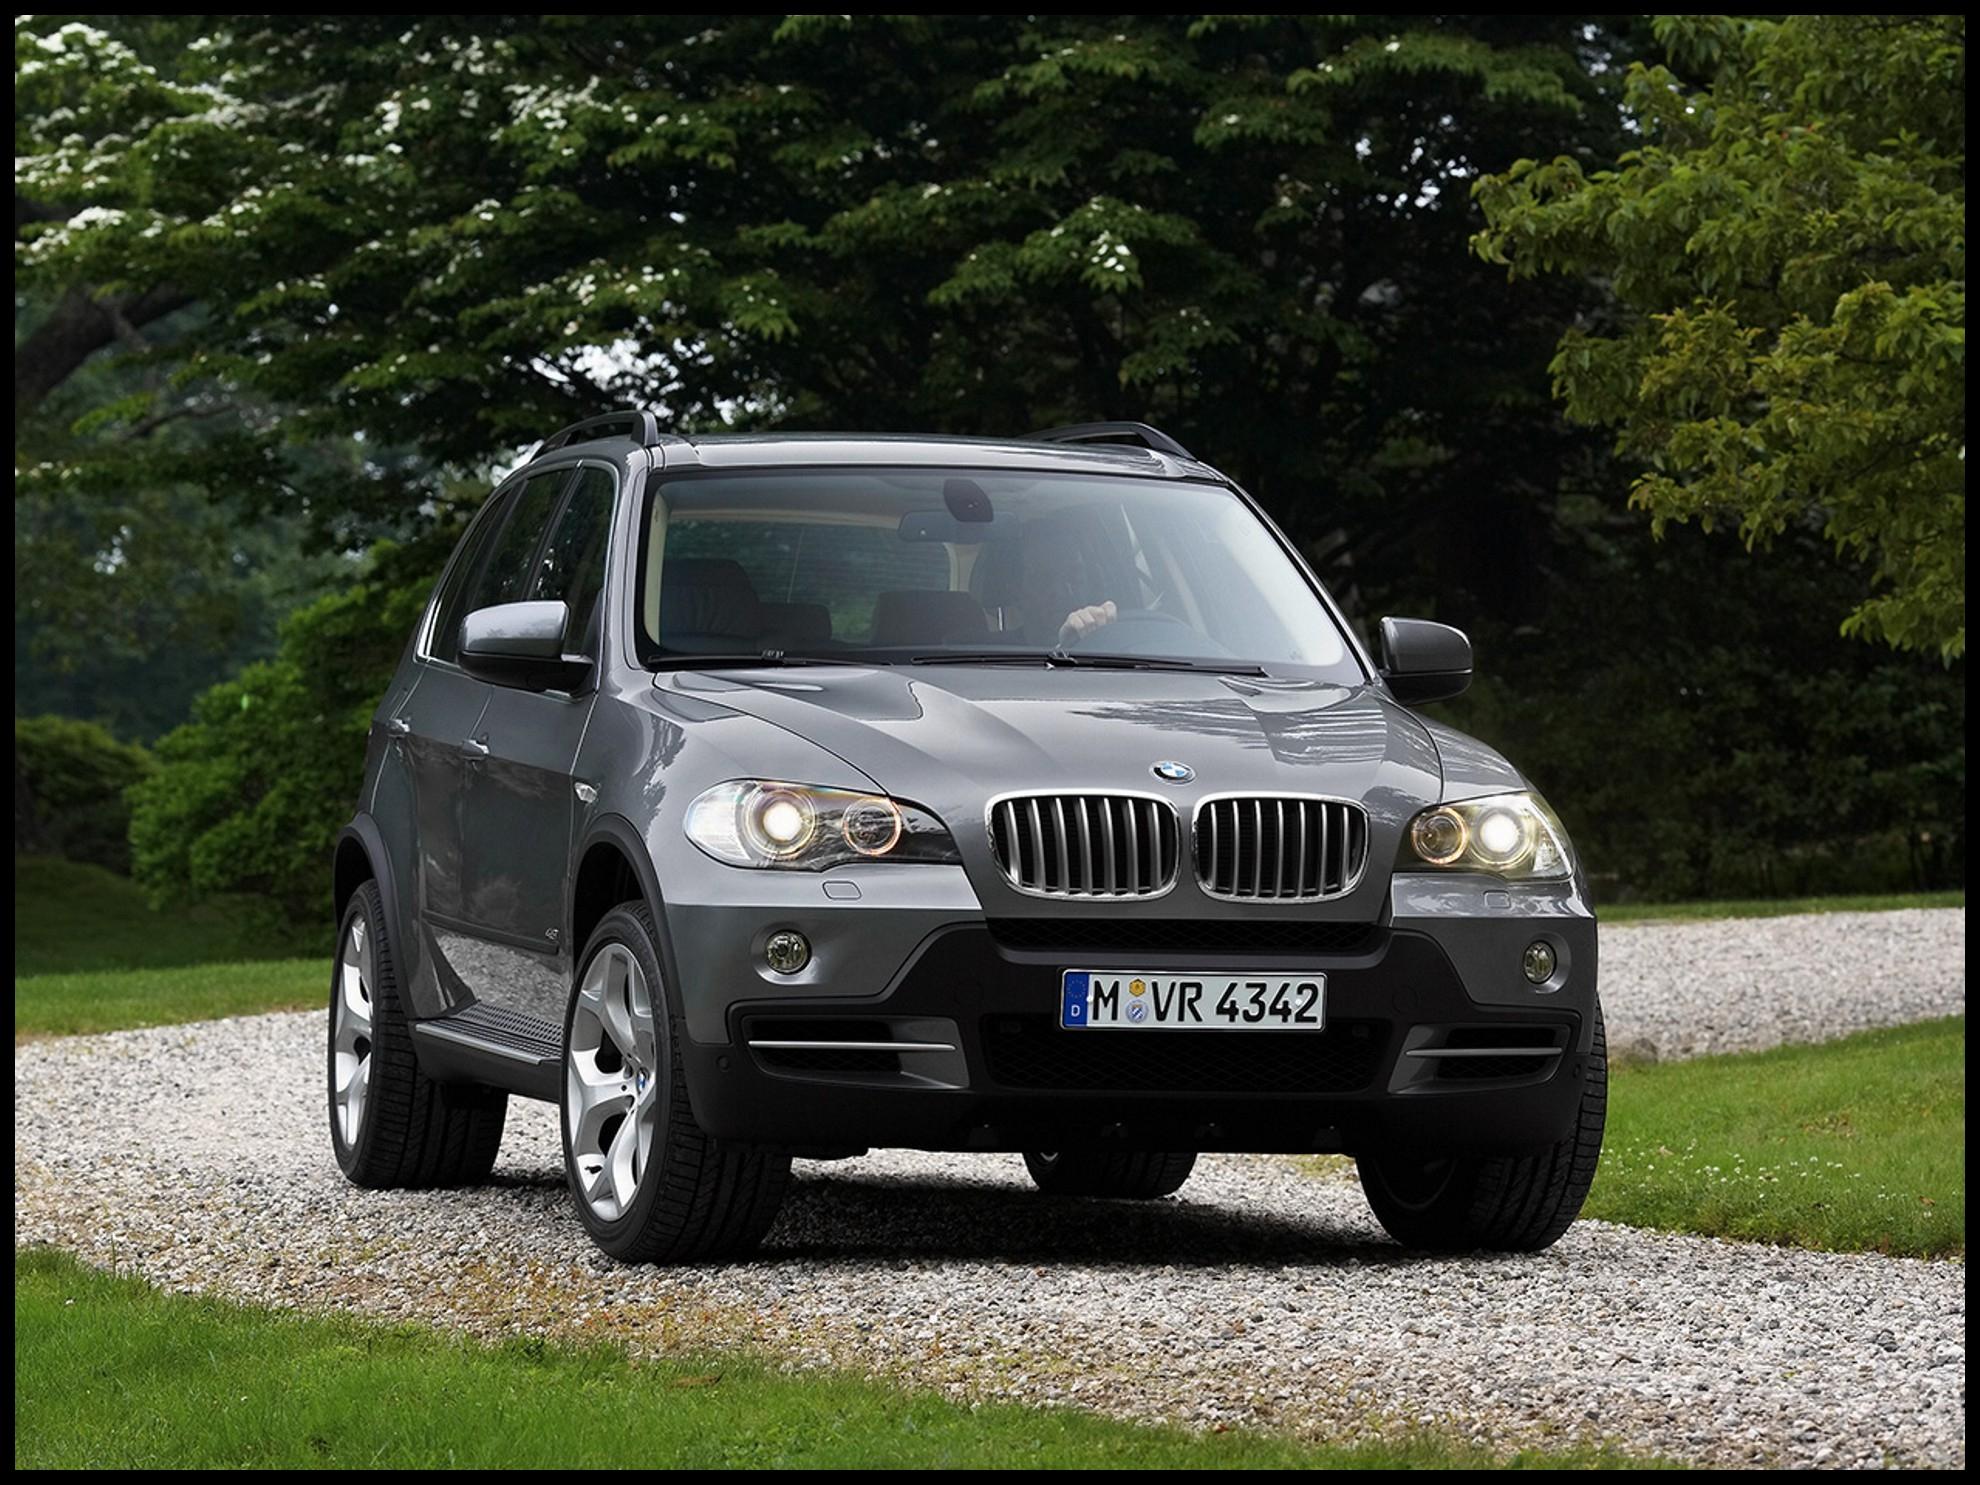 BMW X5 by Tim Saunders